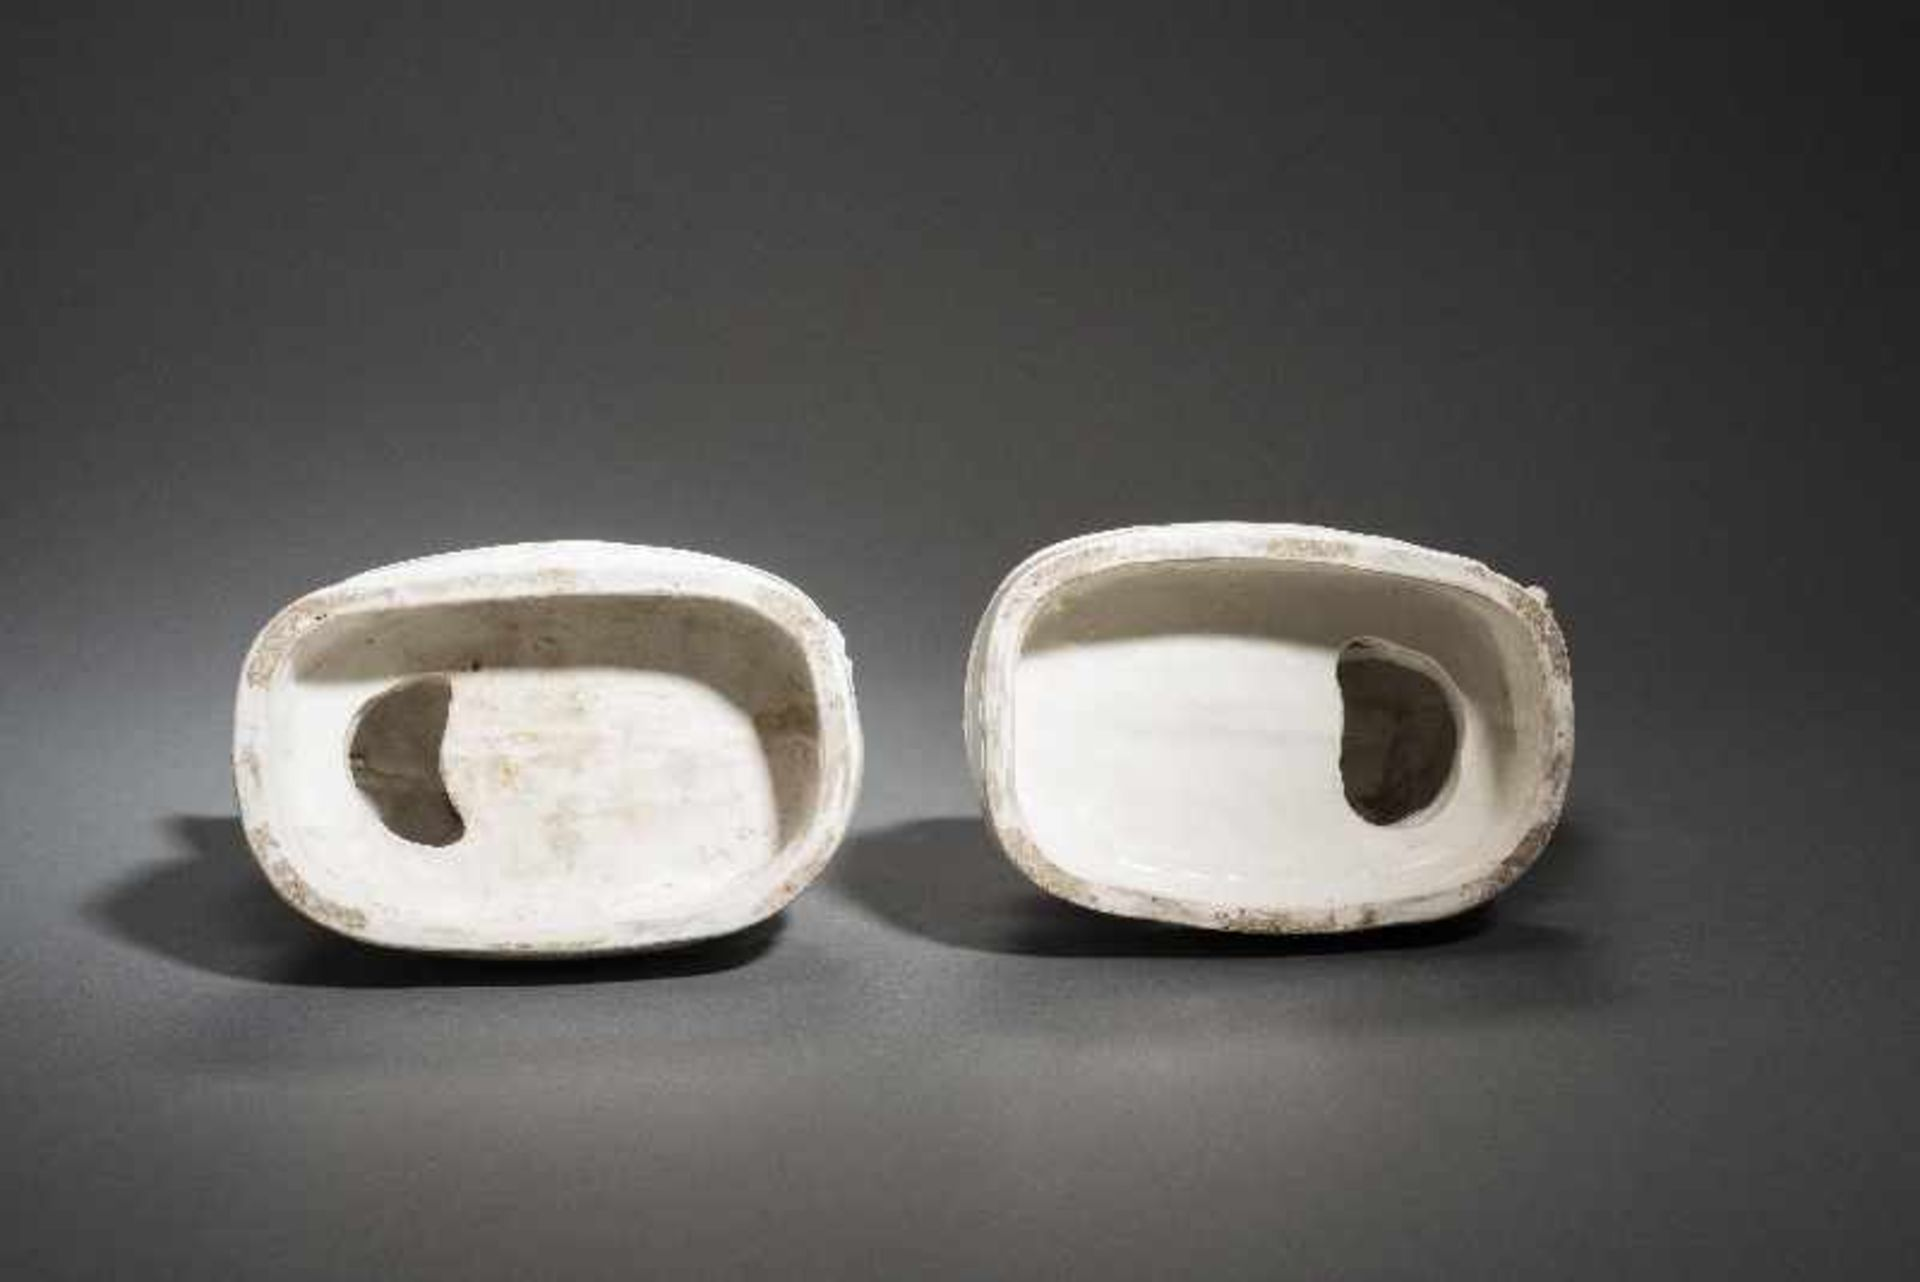 PAAR PALASTLÖWEN AUF SOCKELNBlanc de Chine-Porzellan aus Dehua und Holz. China, Qing 18. Jh. Zwei - Image 6 of 9